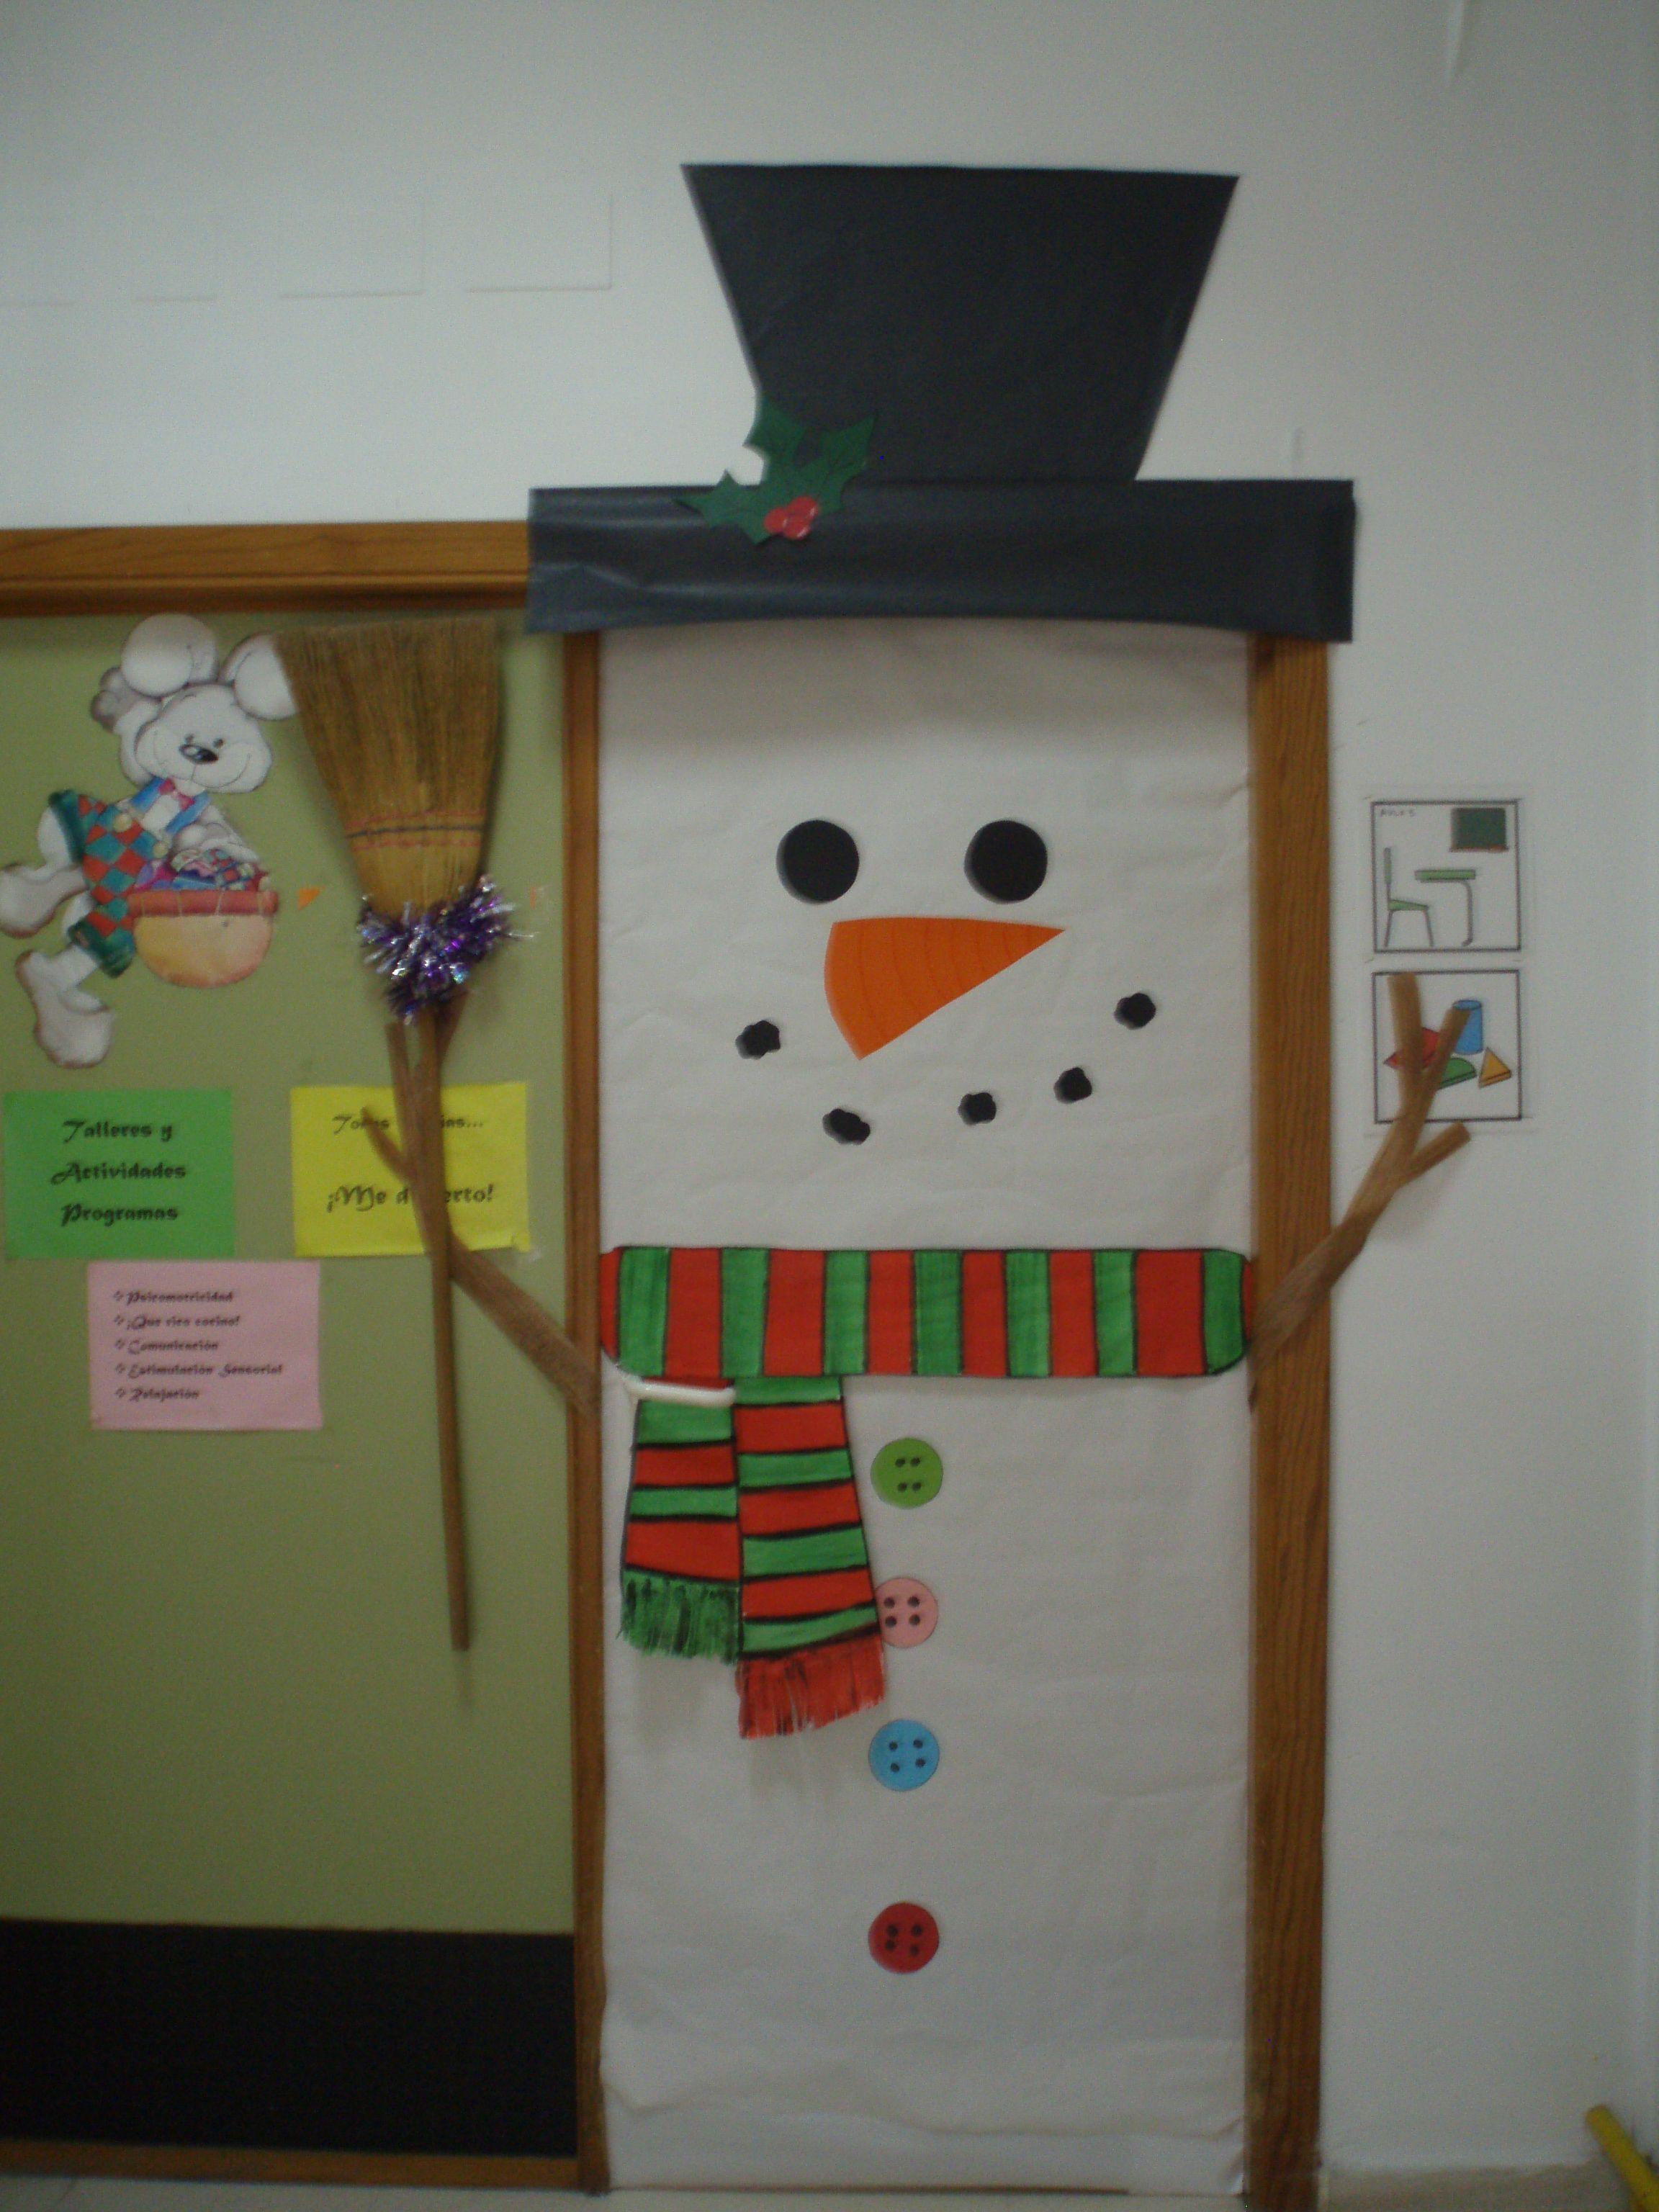 Puerta aula 3 navidad mis creaciones pinterest aula for Puertas decoradas santa claus